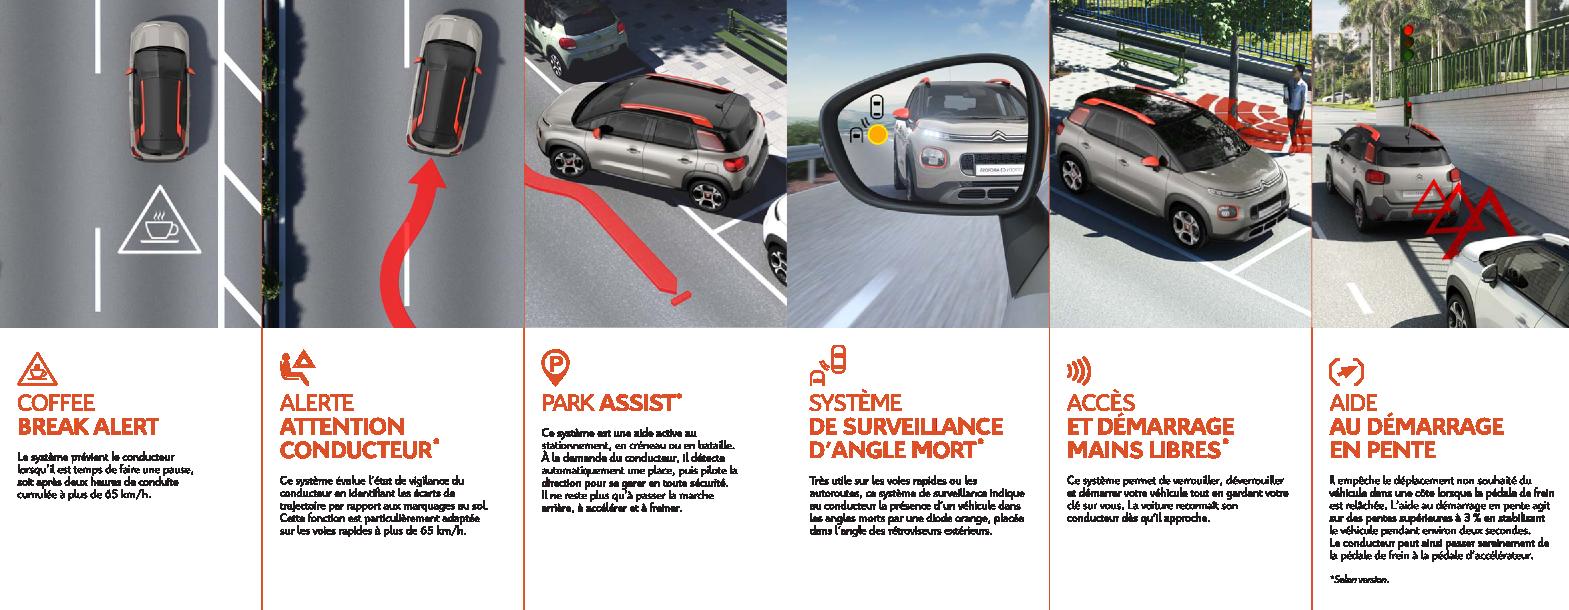 Citroën C3 Aircross les aides à la conduite (suite)